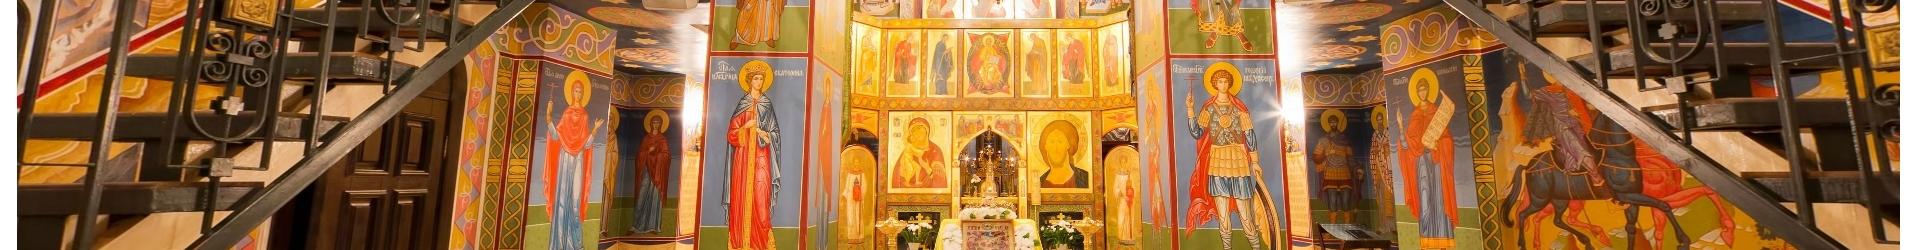 Архиерейское подворье Тольятти